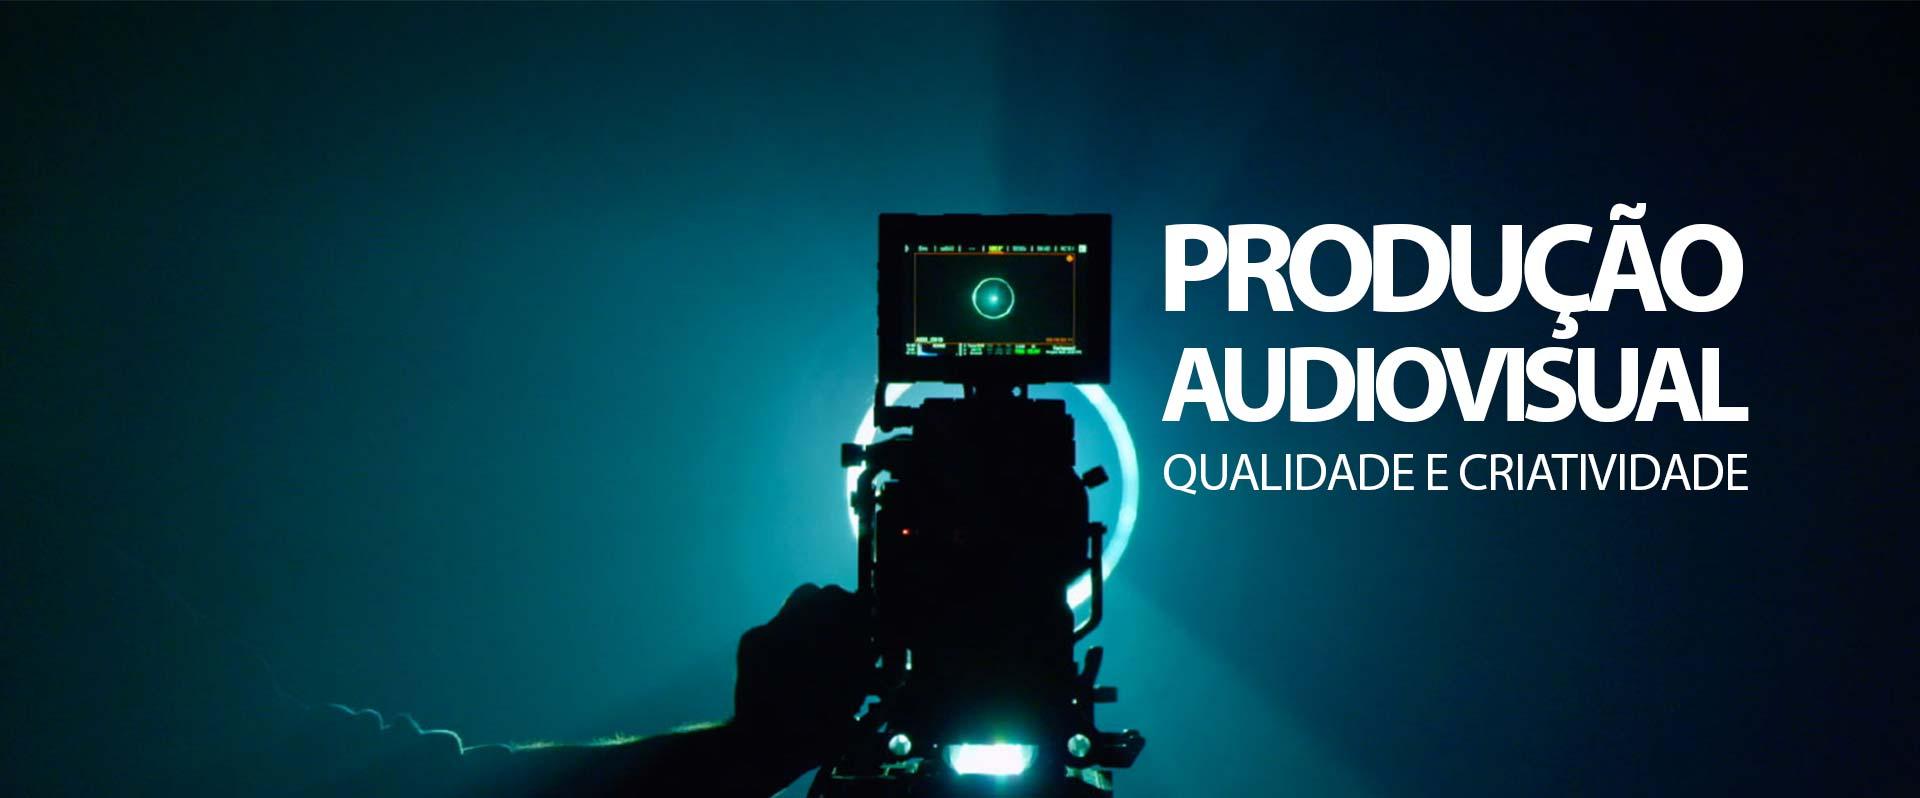 Produção Audiovisual - Qualidade e Criatividade